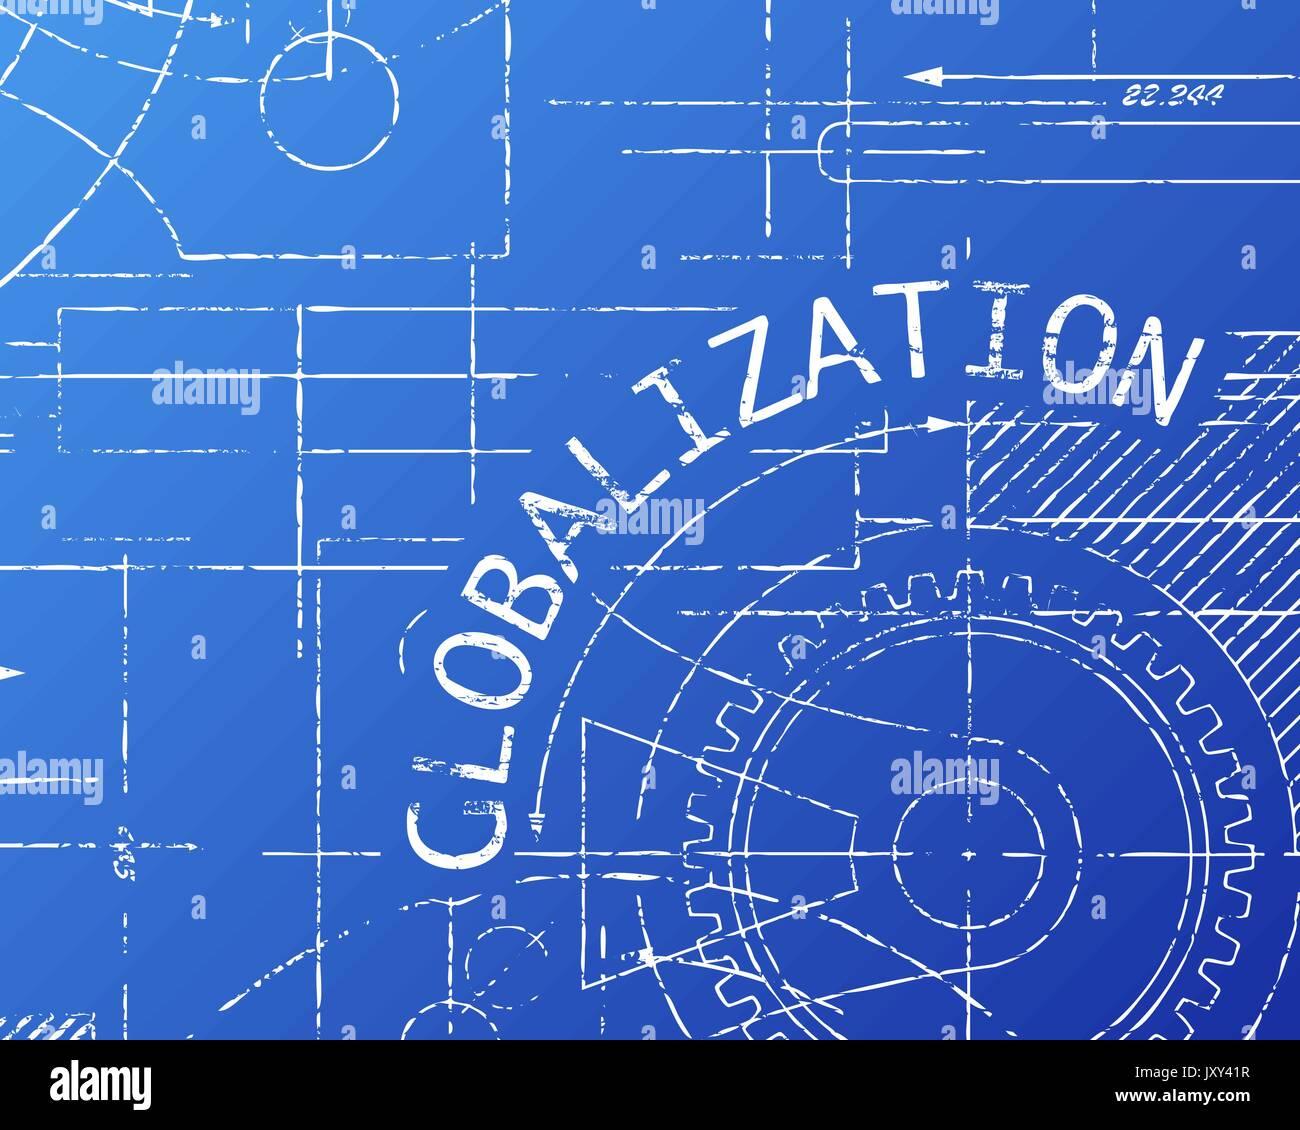 Berhmt einfache blaupausen galerie elektrische schaltplan ideen gemtlich einfache blaupausen bilder elektrische schaltplan ideen malvernweather Image collections